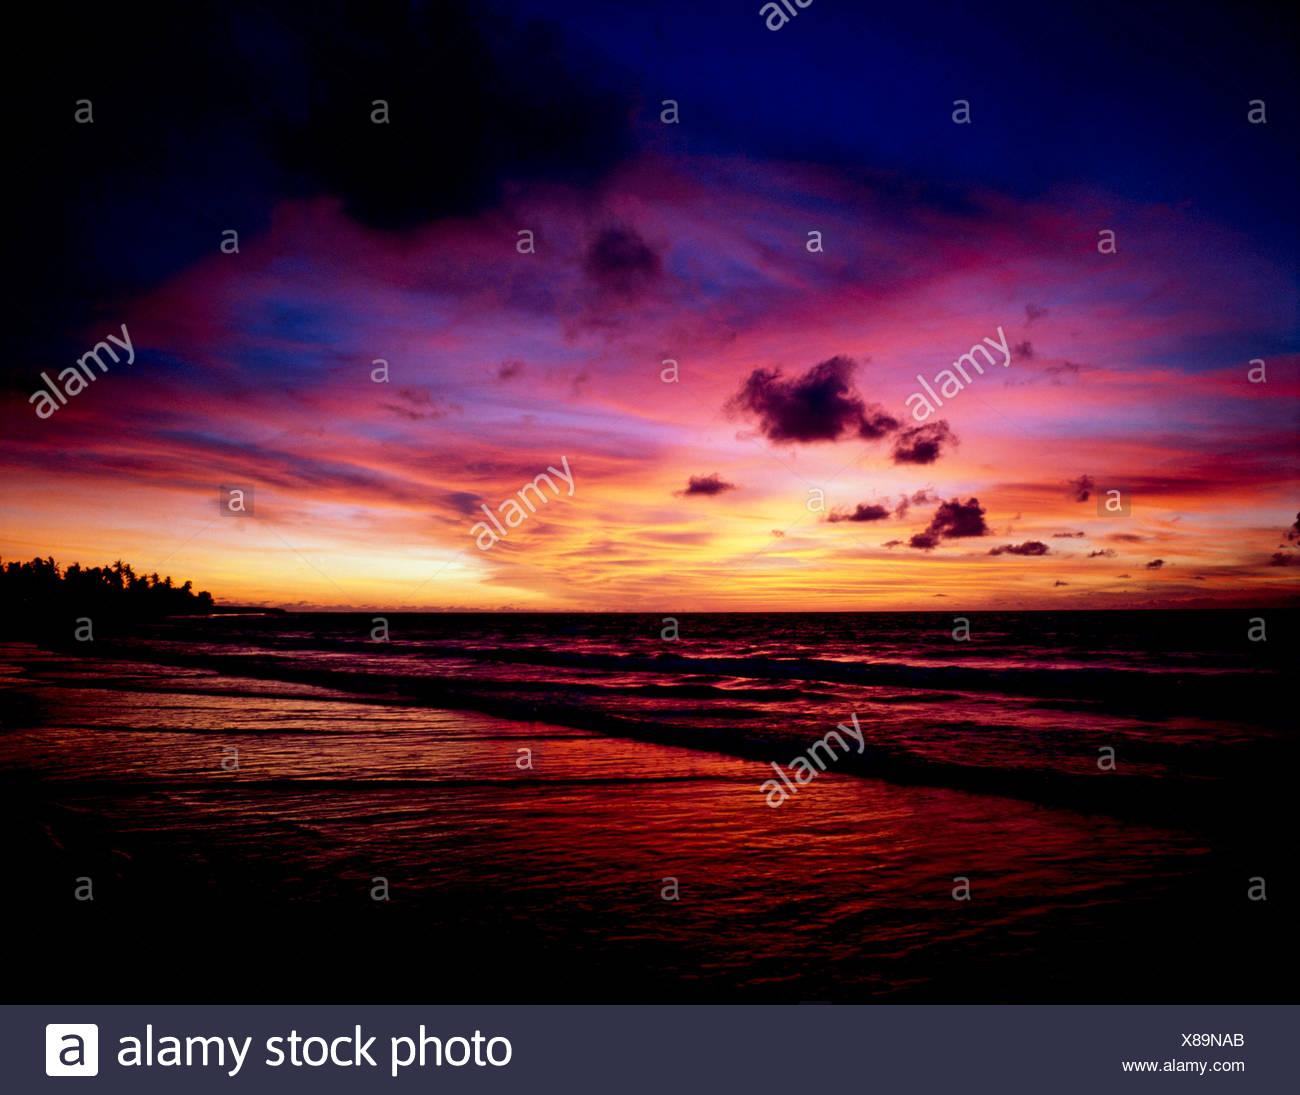 KUTA BEACH AT SUNSET,BALI,INDONESIA - Stock Image